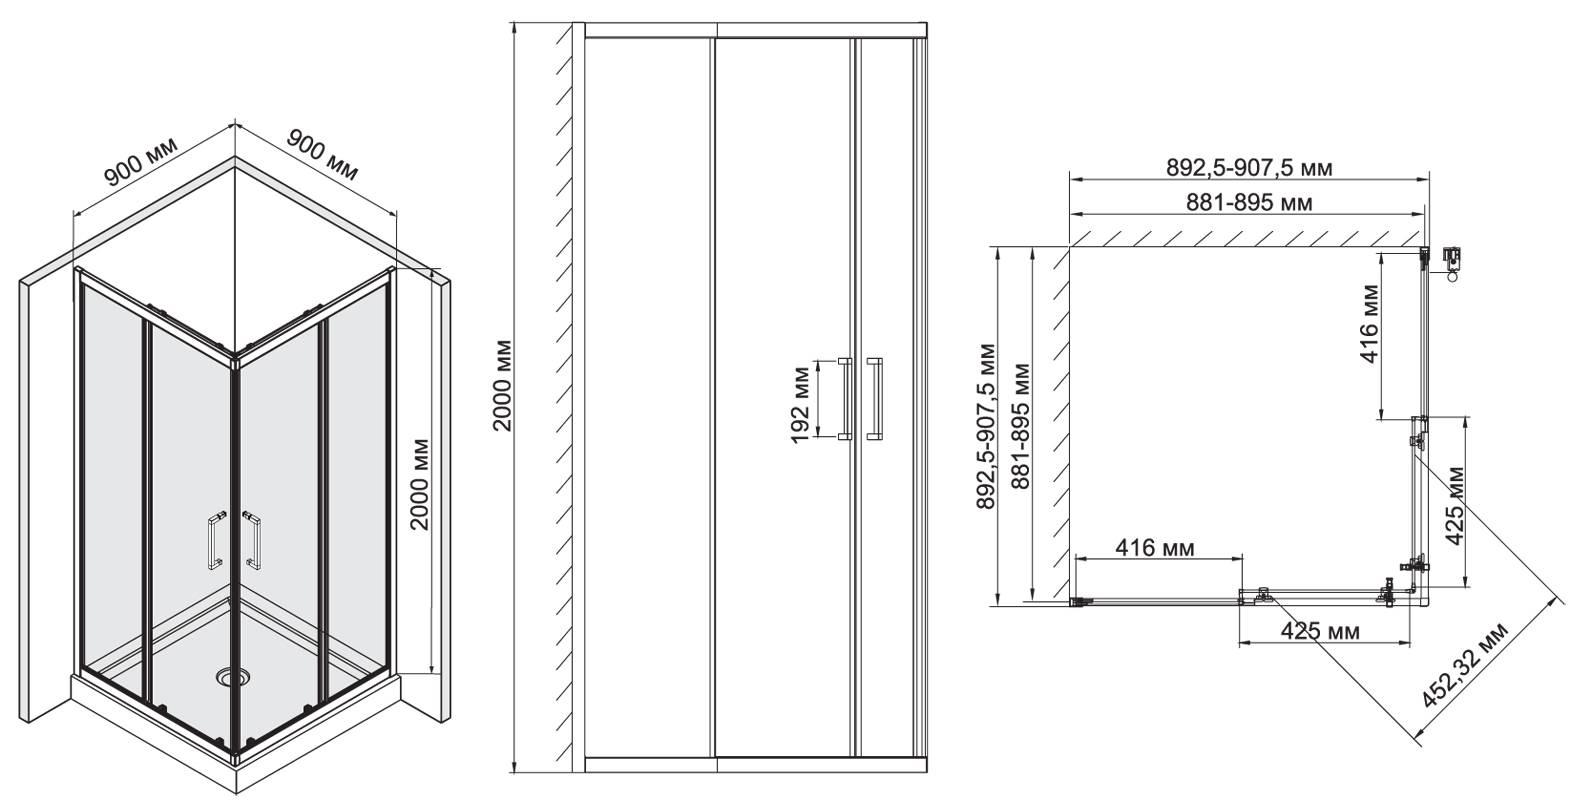 Габариты стандартной душевой кабины с поддоном, высота от пола до потолка